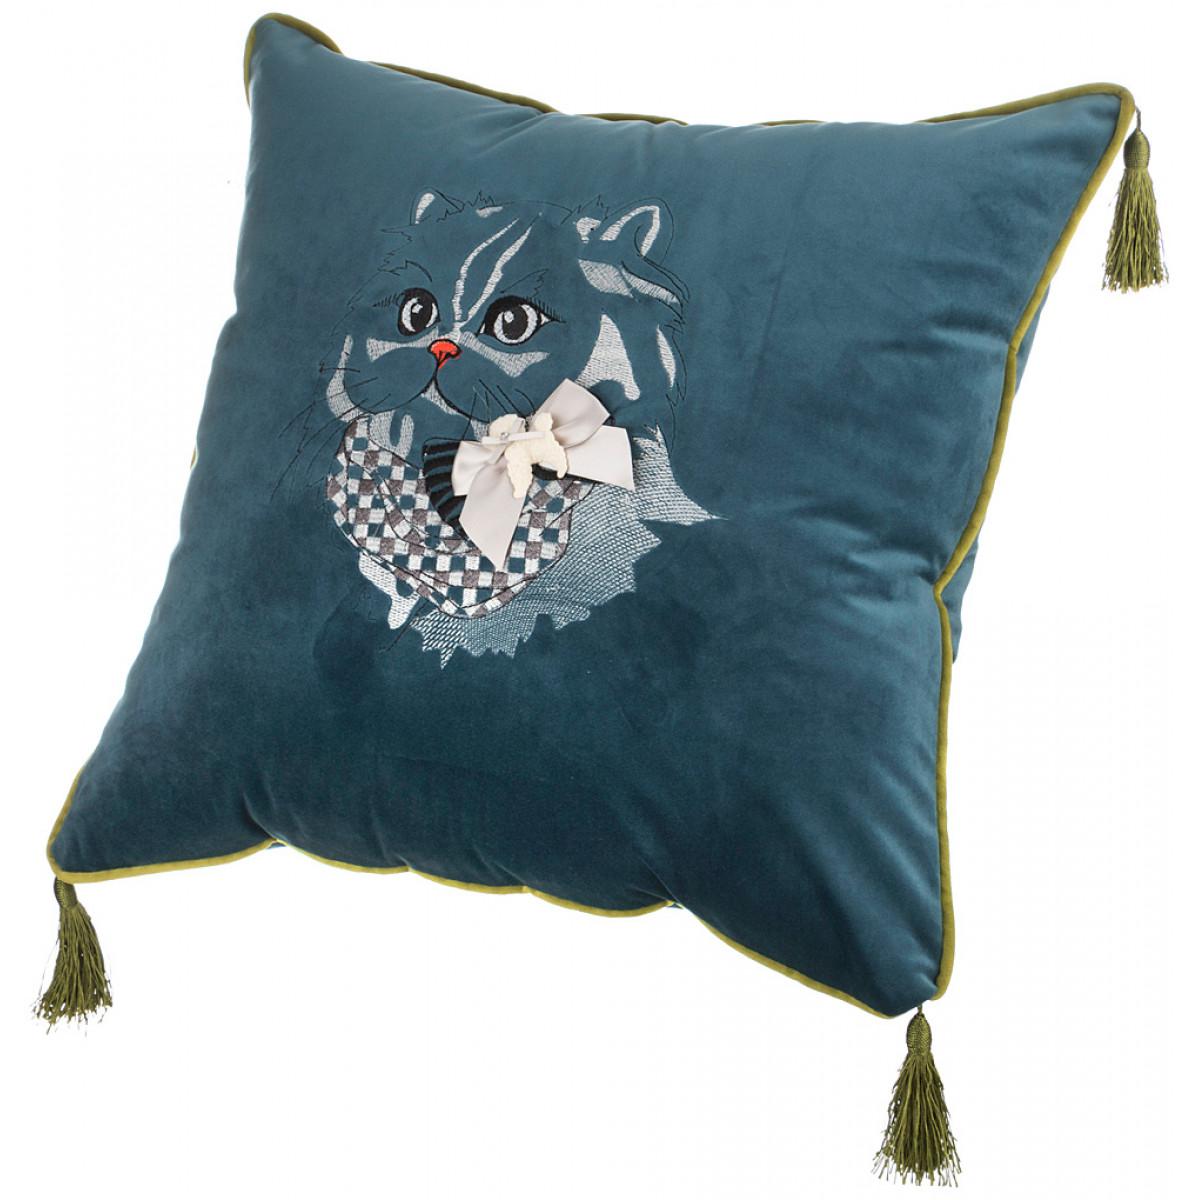 Декоративные подушки Santalino Декоративная подушка Marigold (45х45) декоративные подушки santalino декоративная подушка гуси 45х45